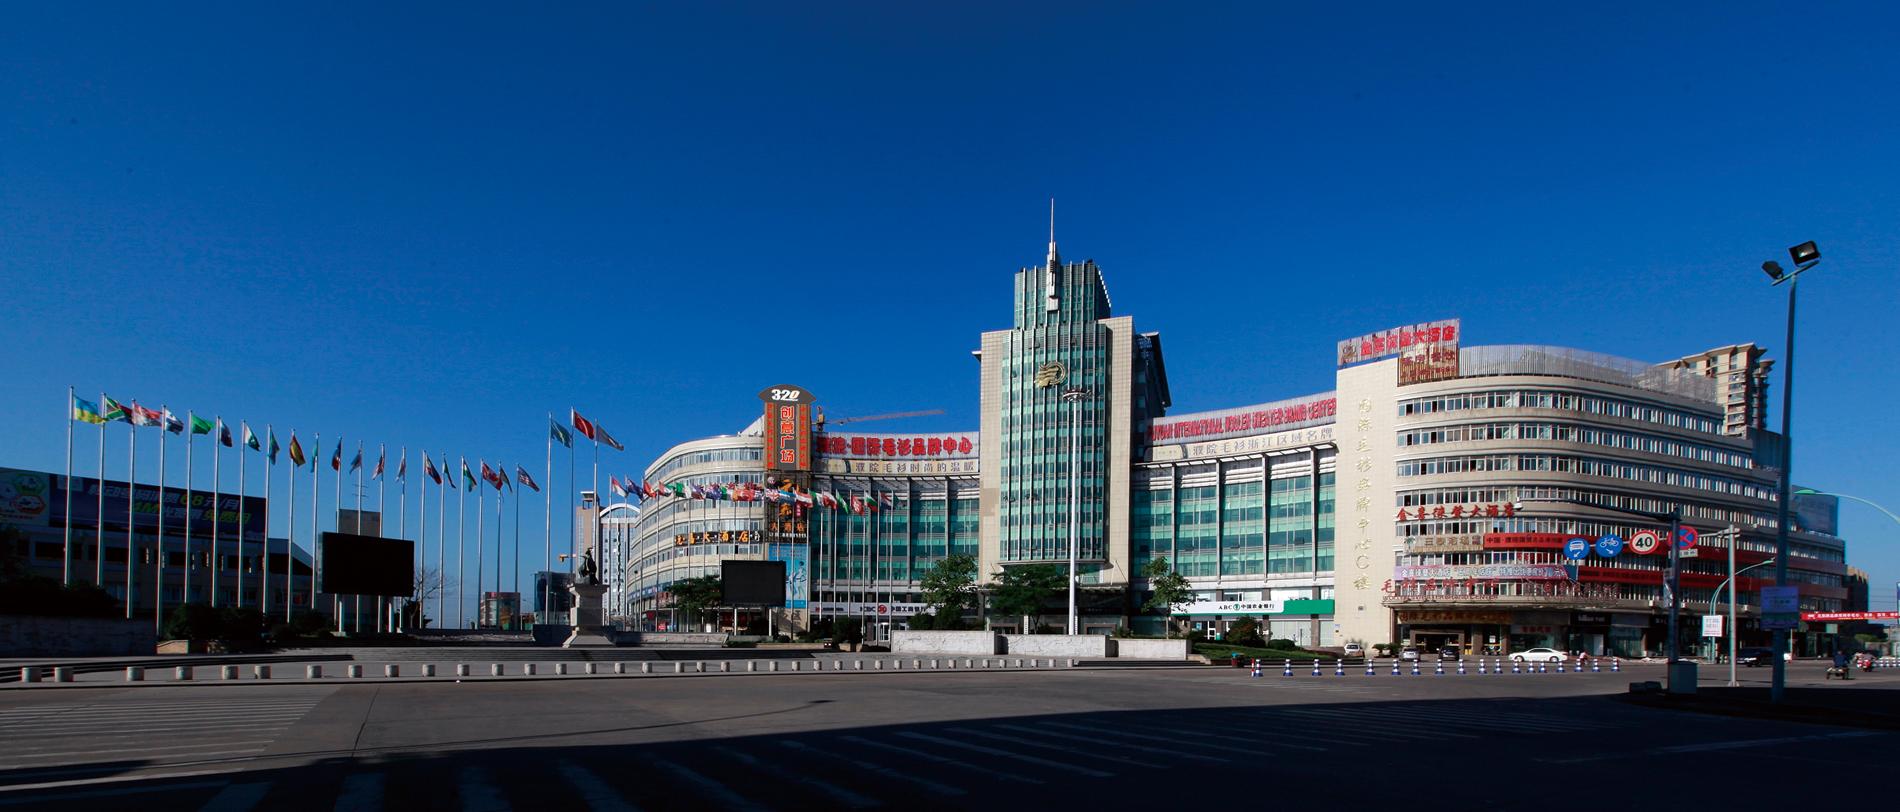 中国毛衫lovebet体育娱乐网址之都——濮院320创意广场